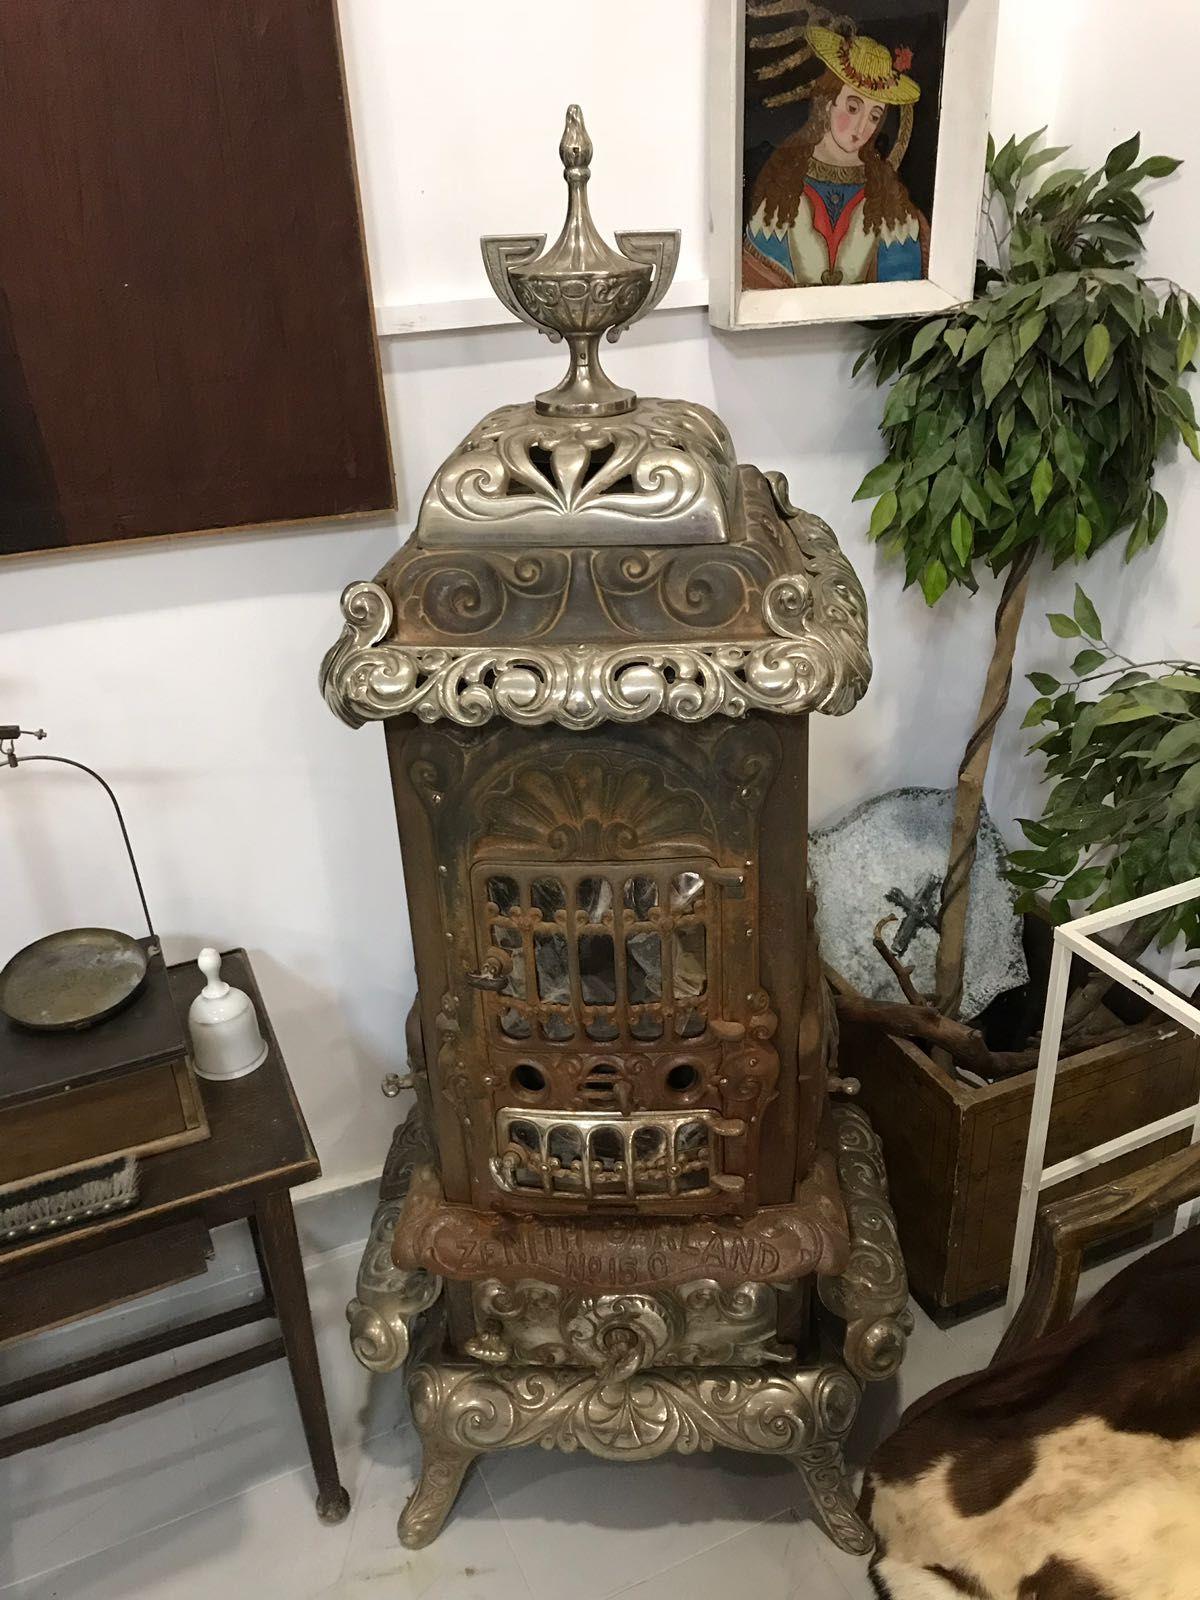 Foto 57 de Galerías de arte y salas de exposiciones en Cartagena | Arte & Antigüedades Federico Robles Perez